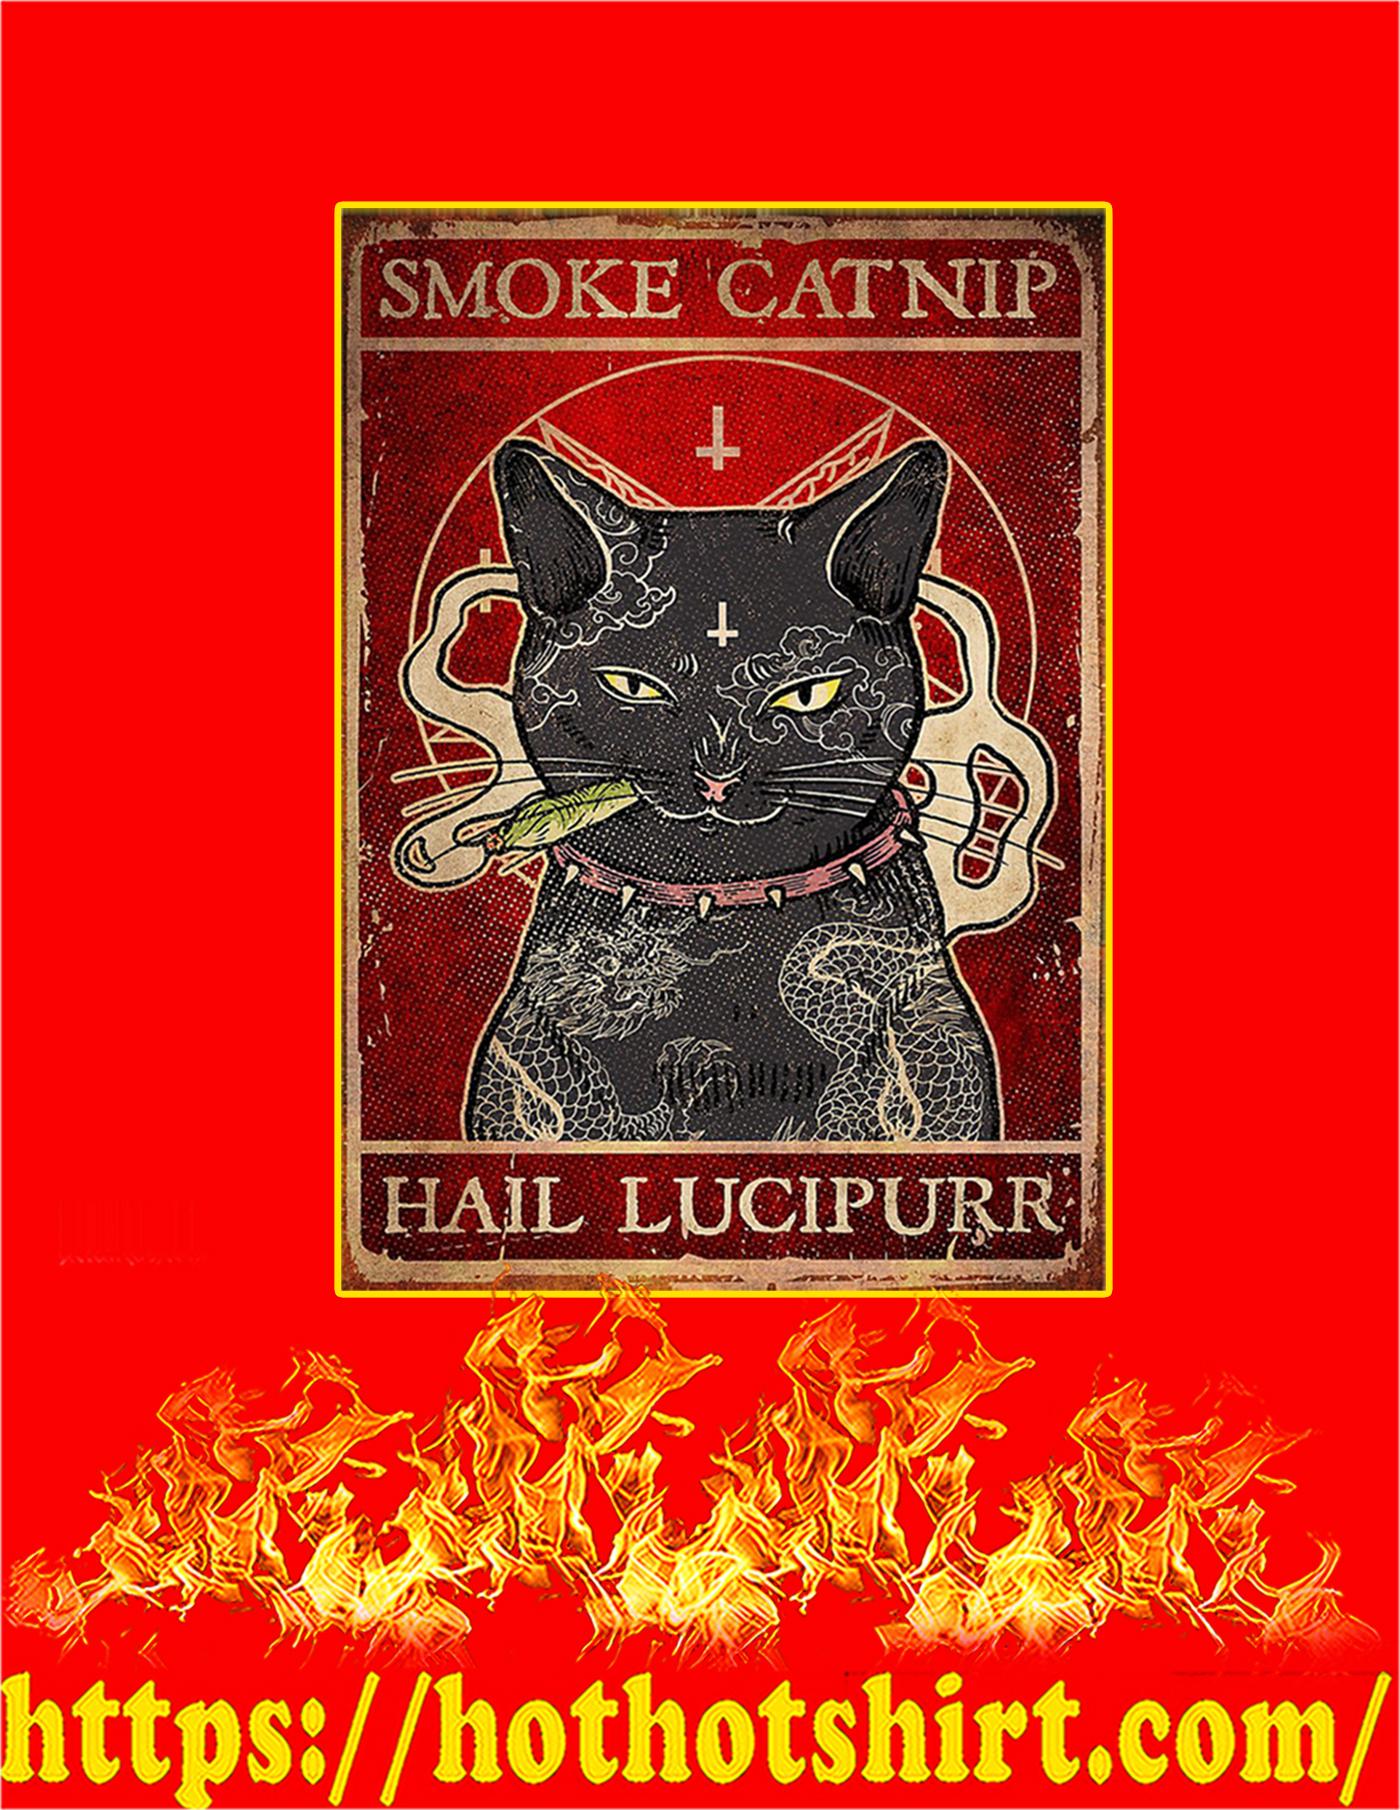 Smoke catnip hail lucipurr cat poster - A3